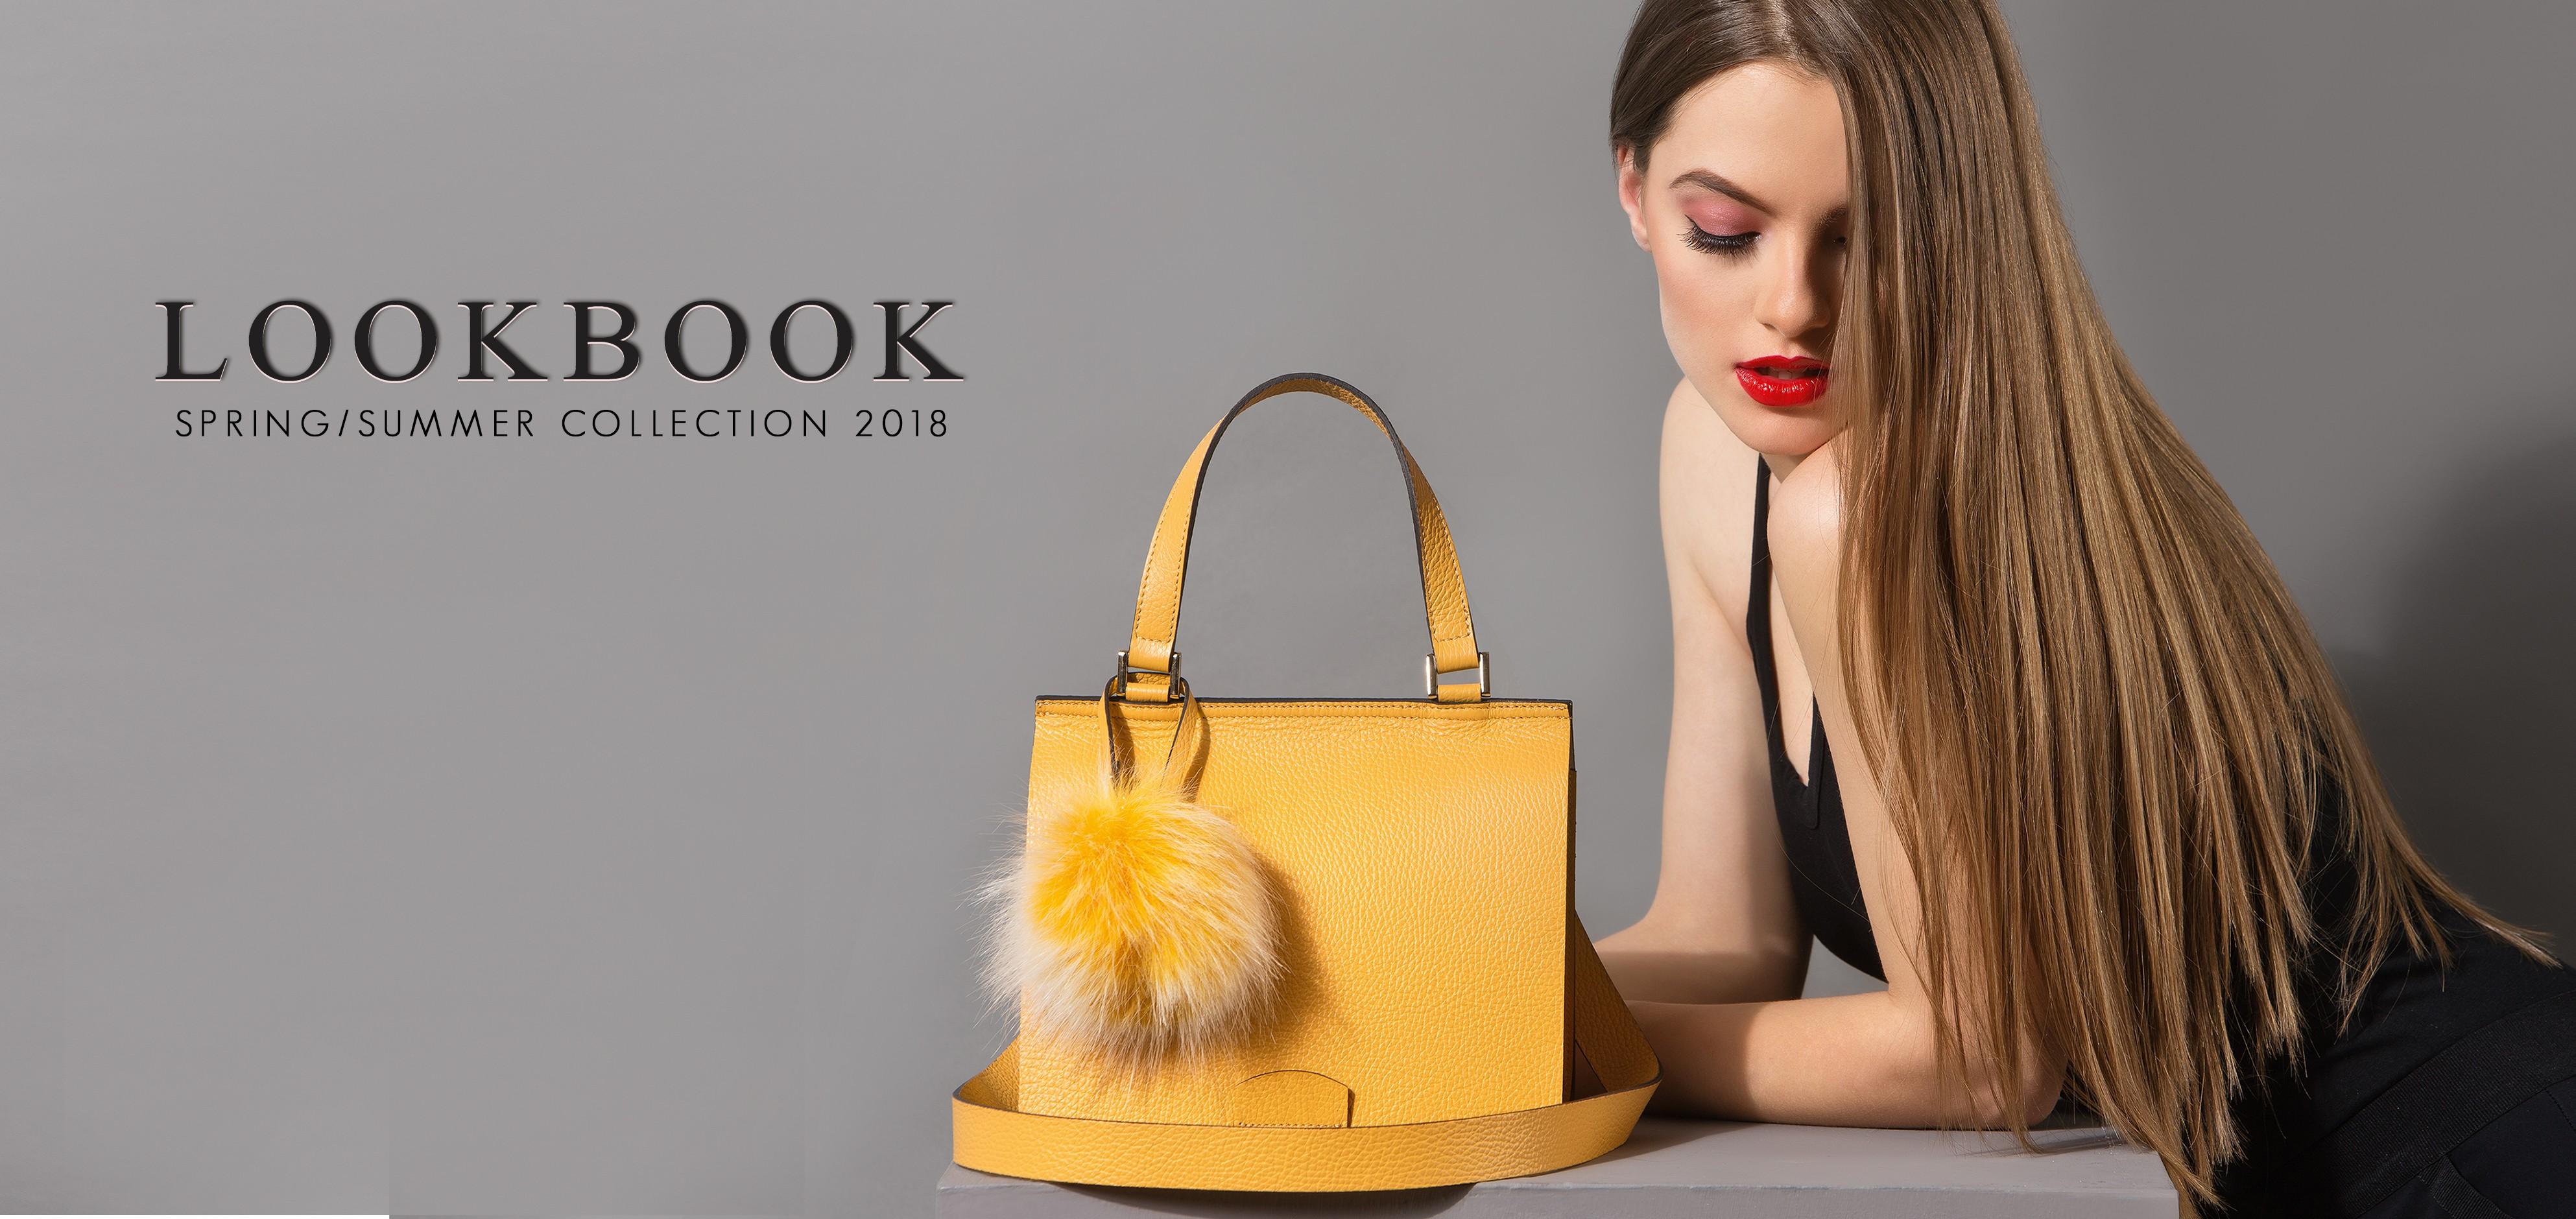 Lookbook Loristella